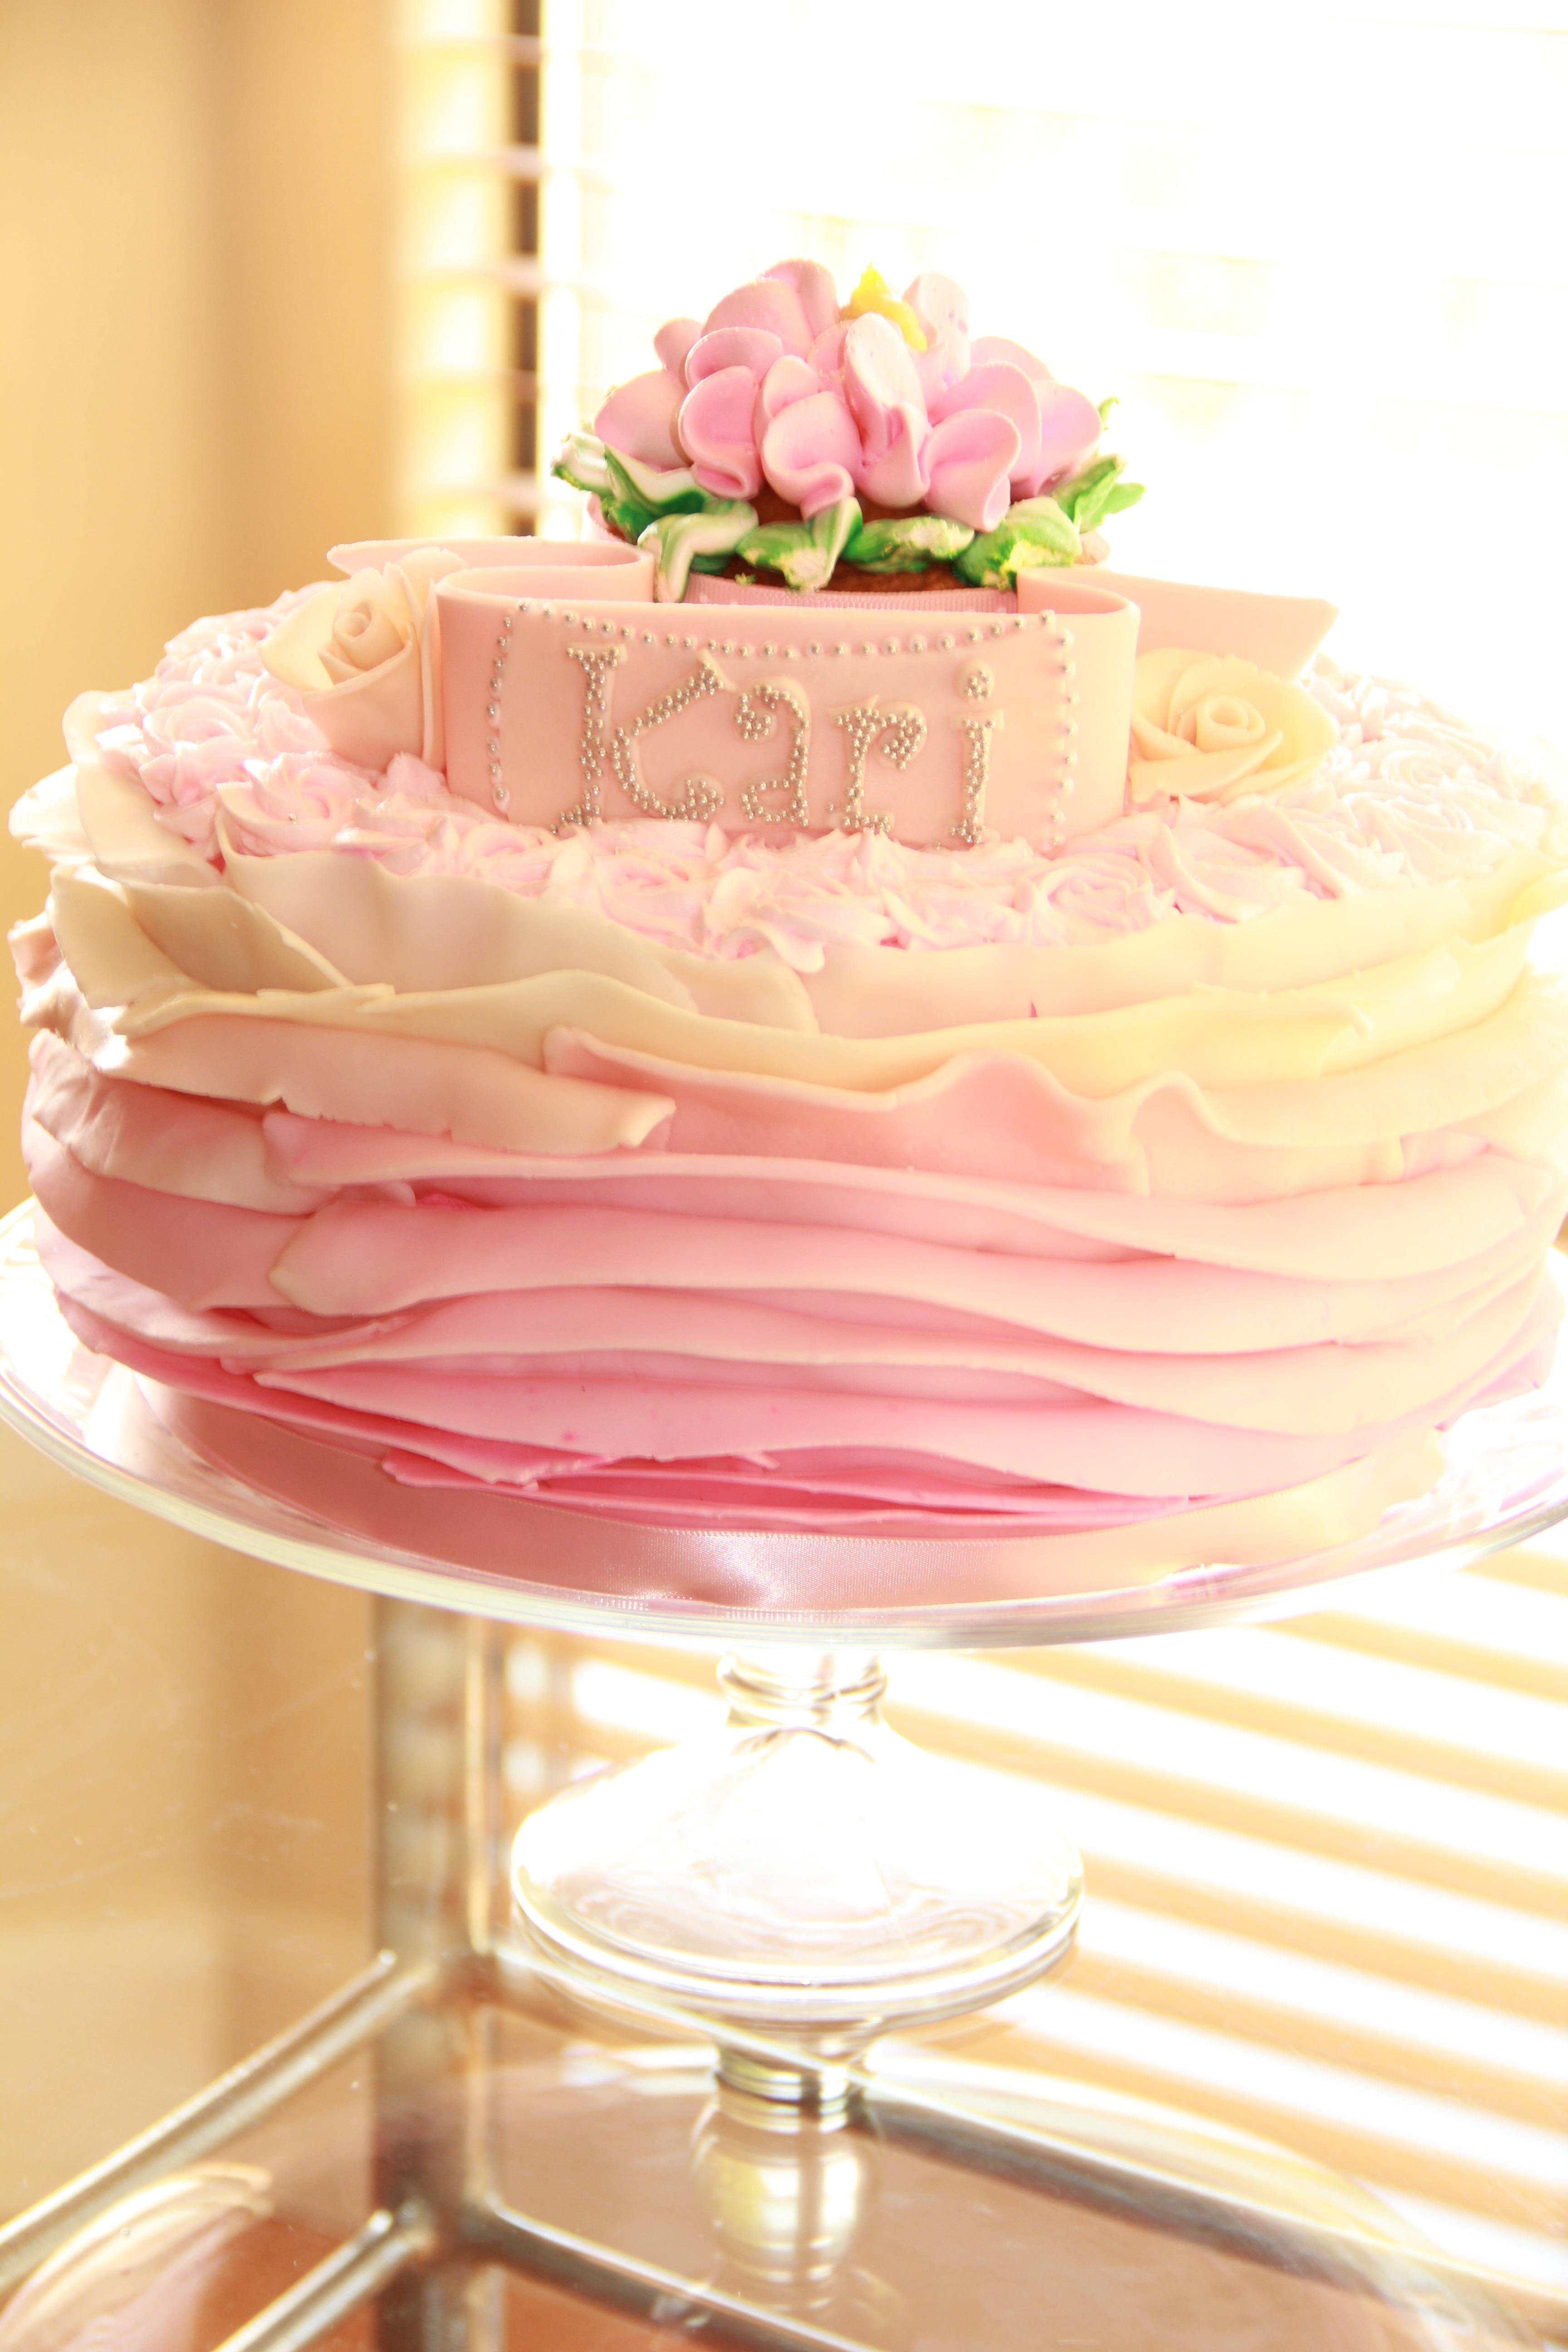 Free Images : sweet, flower, petal, celebration, food, pink, dessert ...